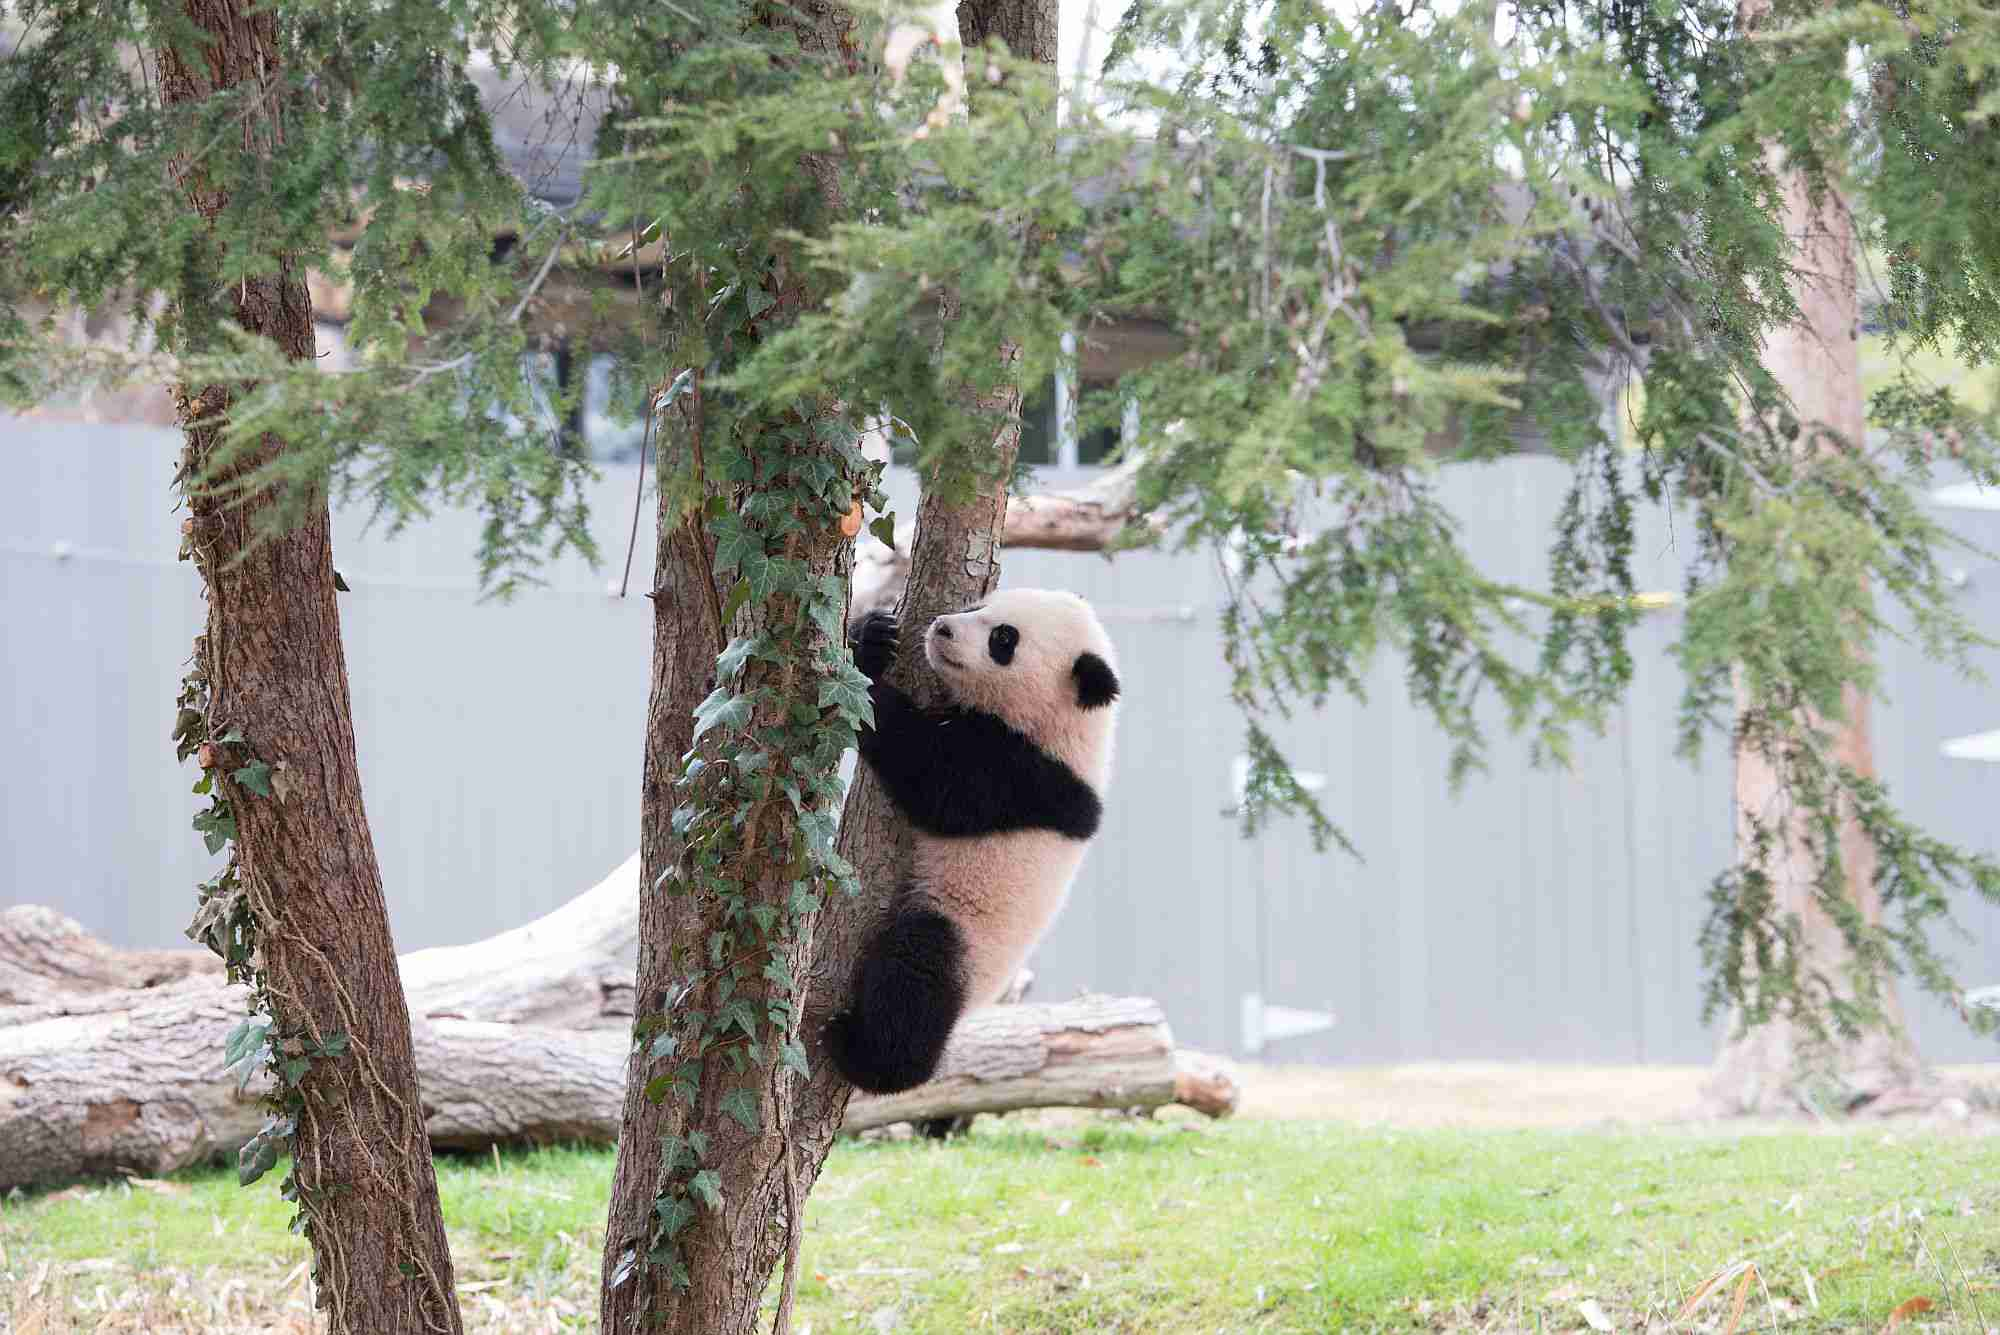 Panda at Zoo